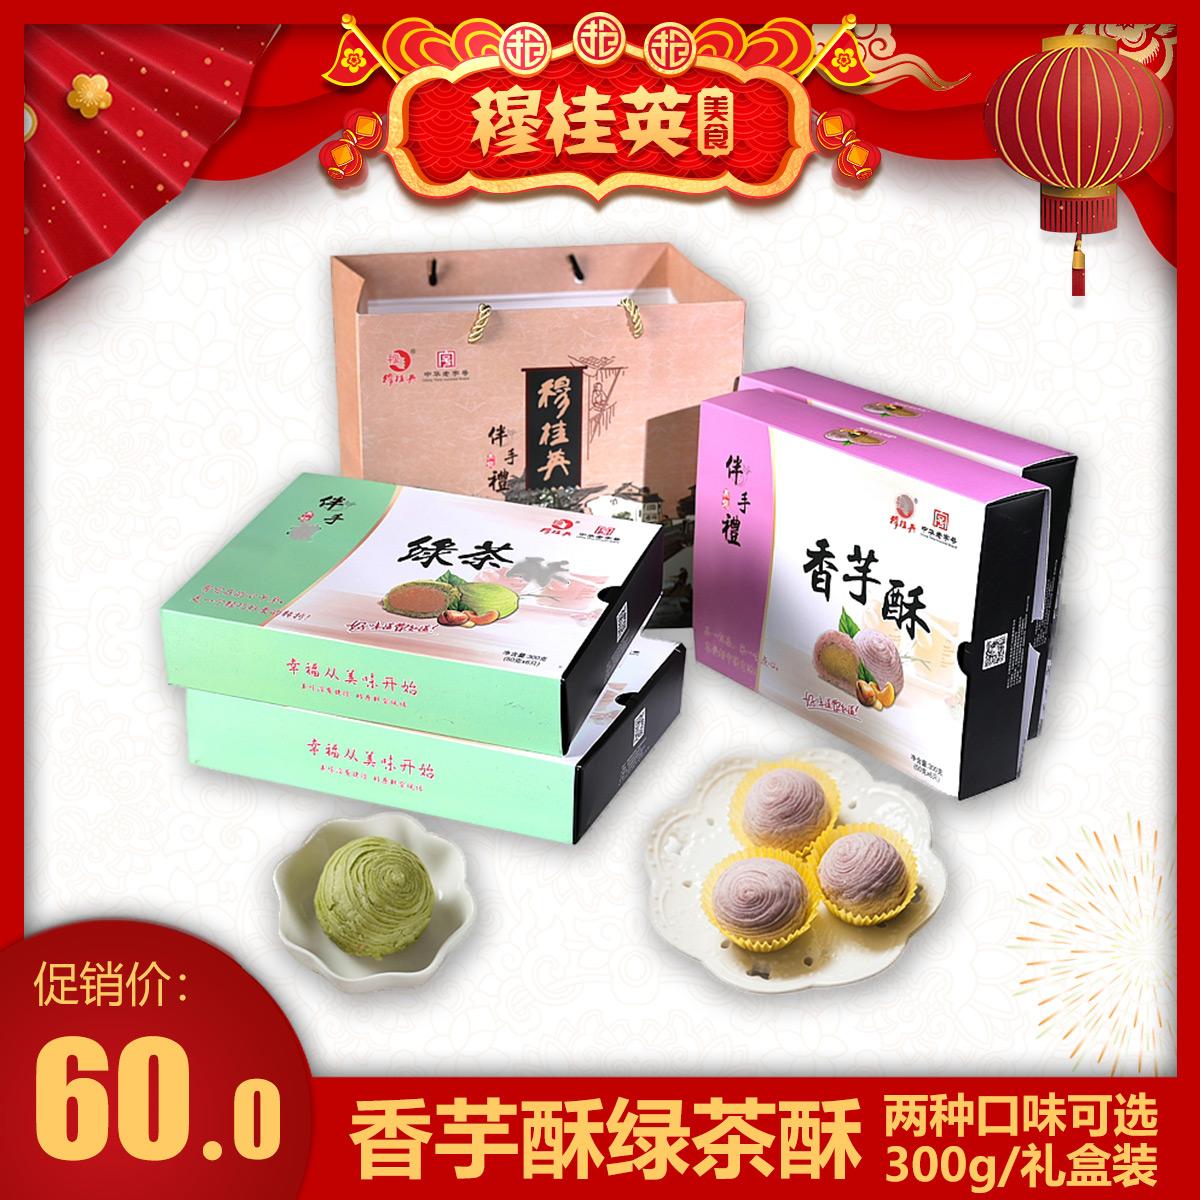 无锡特产 江南美食无锡穆桂英香芋酥、绿茶酥 300gx1盒